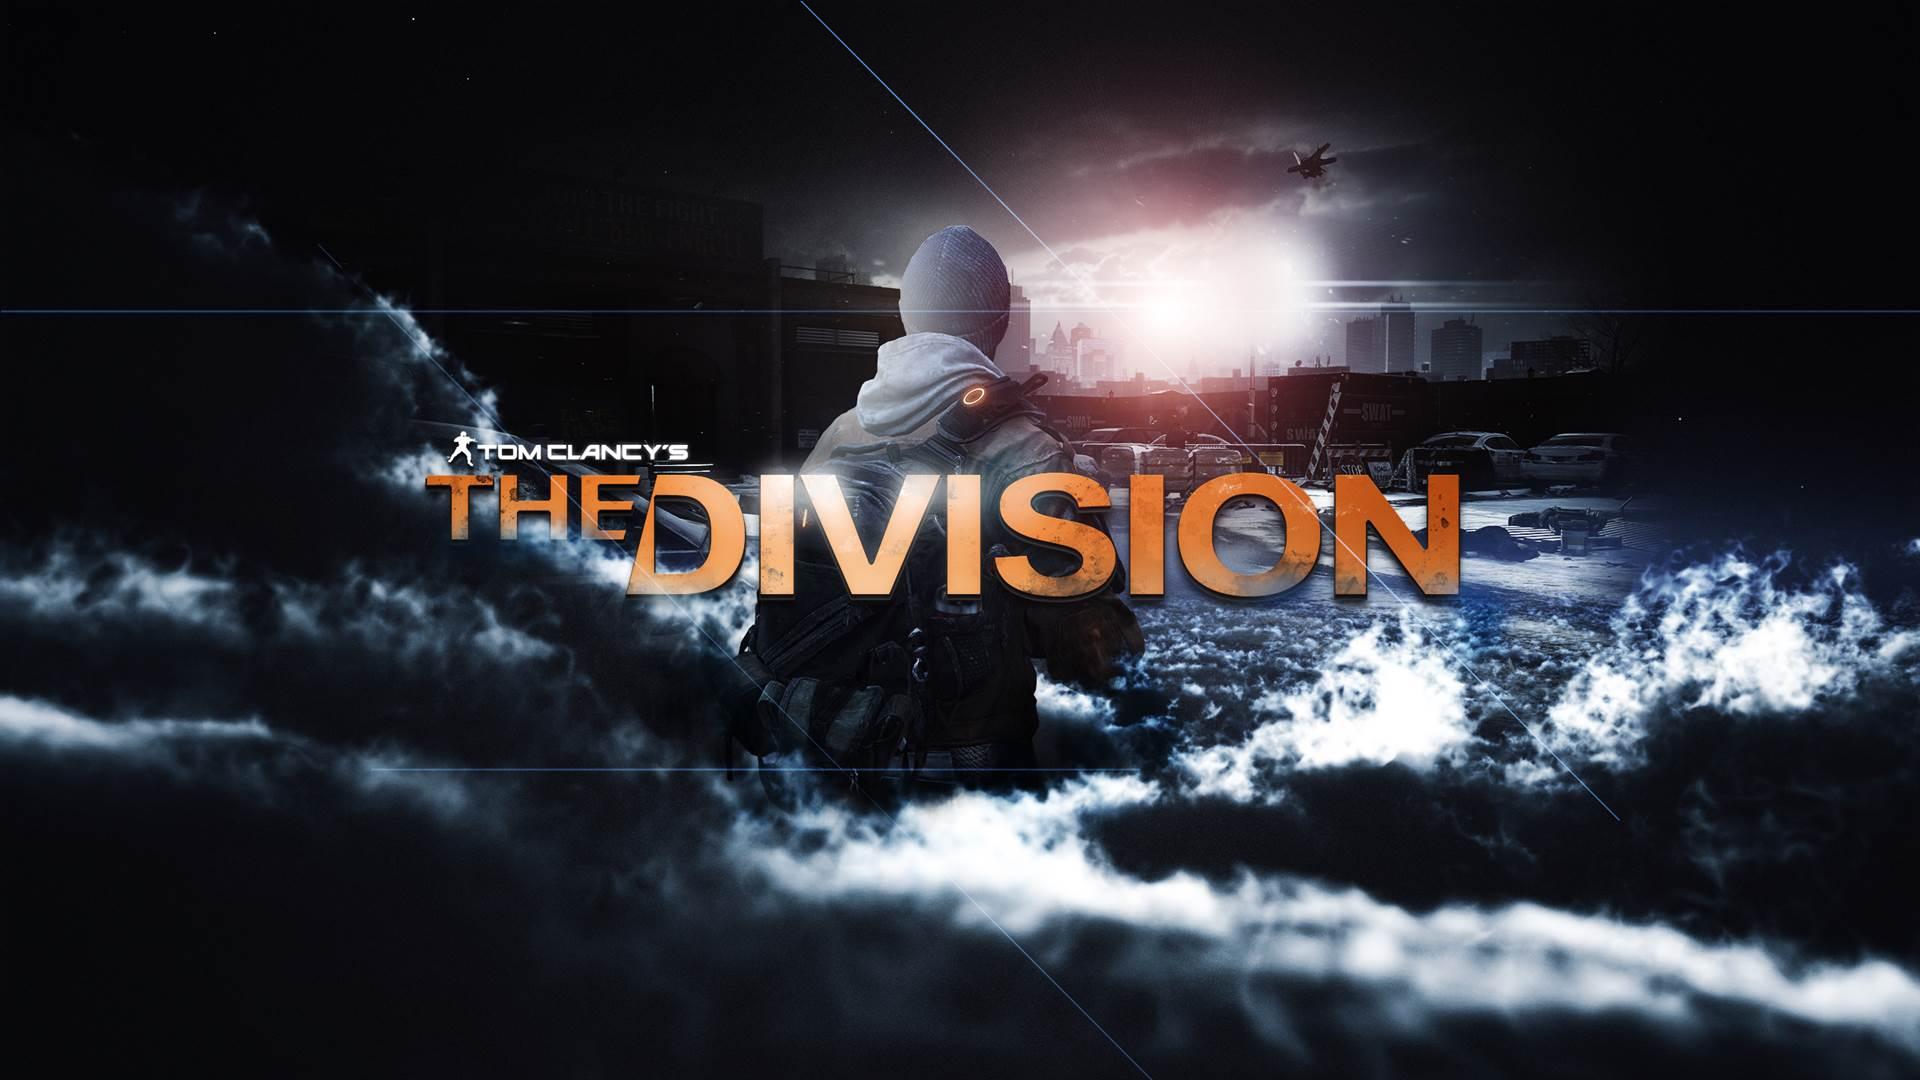 47 The Division Wallpaper 1080p On Wallpapersafari